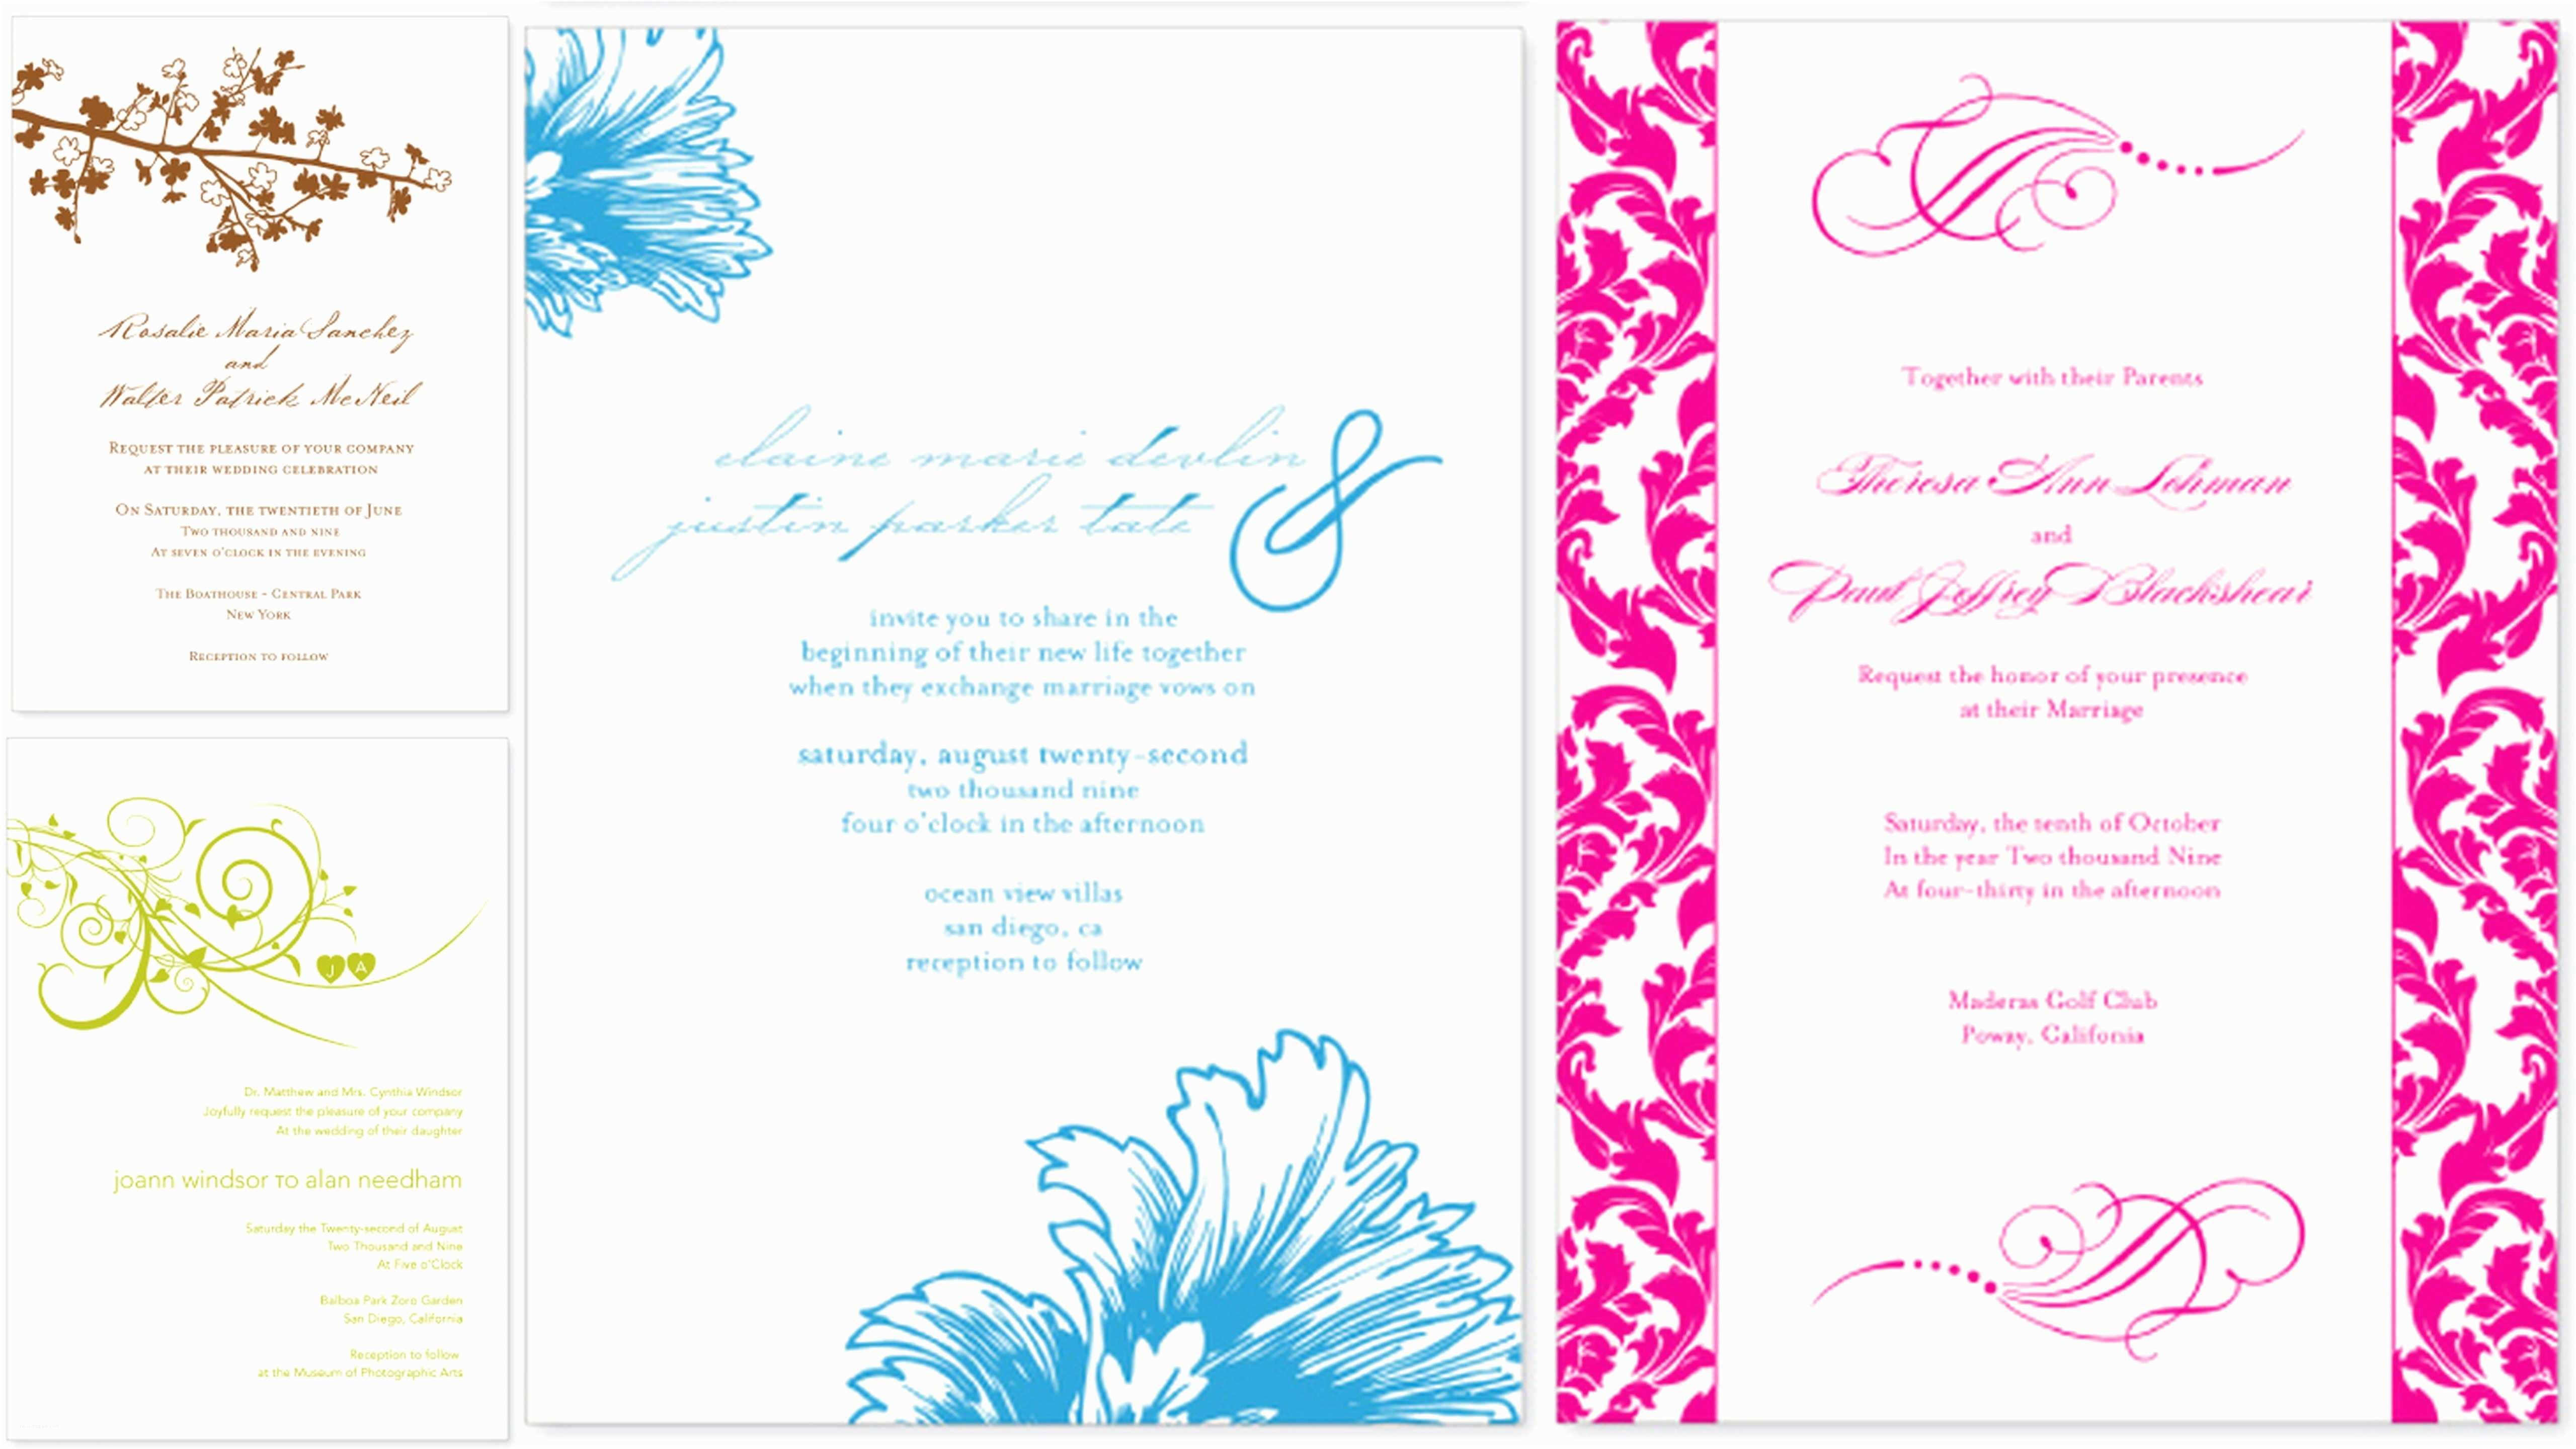 Wedding Invitation Designs 17 Border Designs for Invitations Free Clip Art